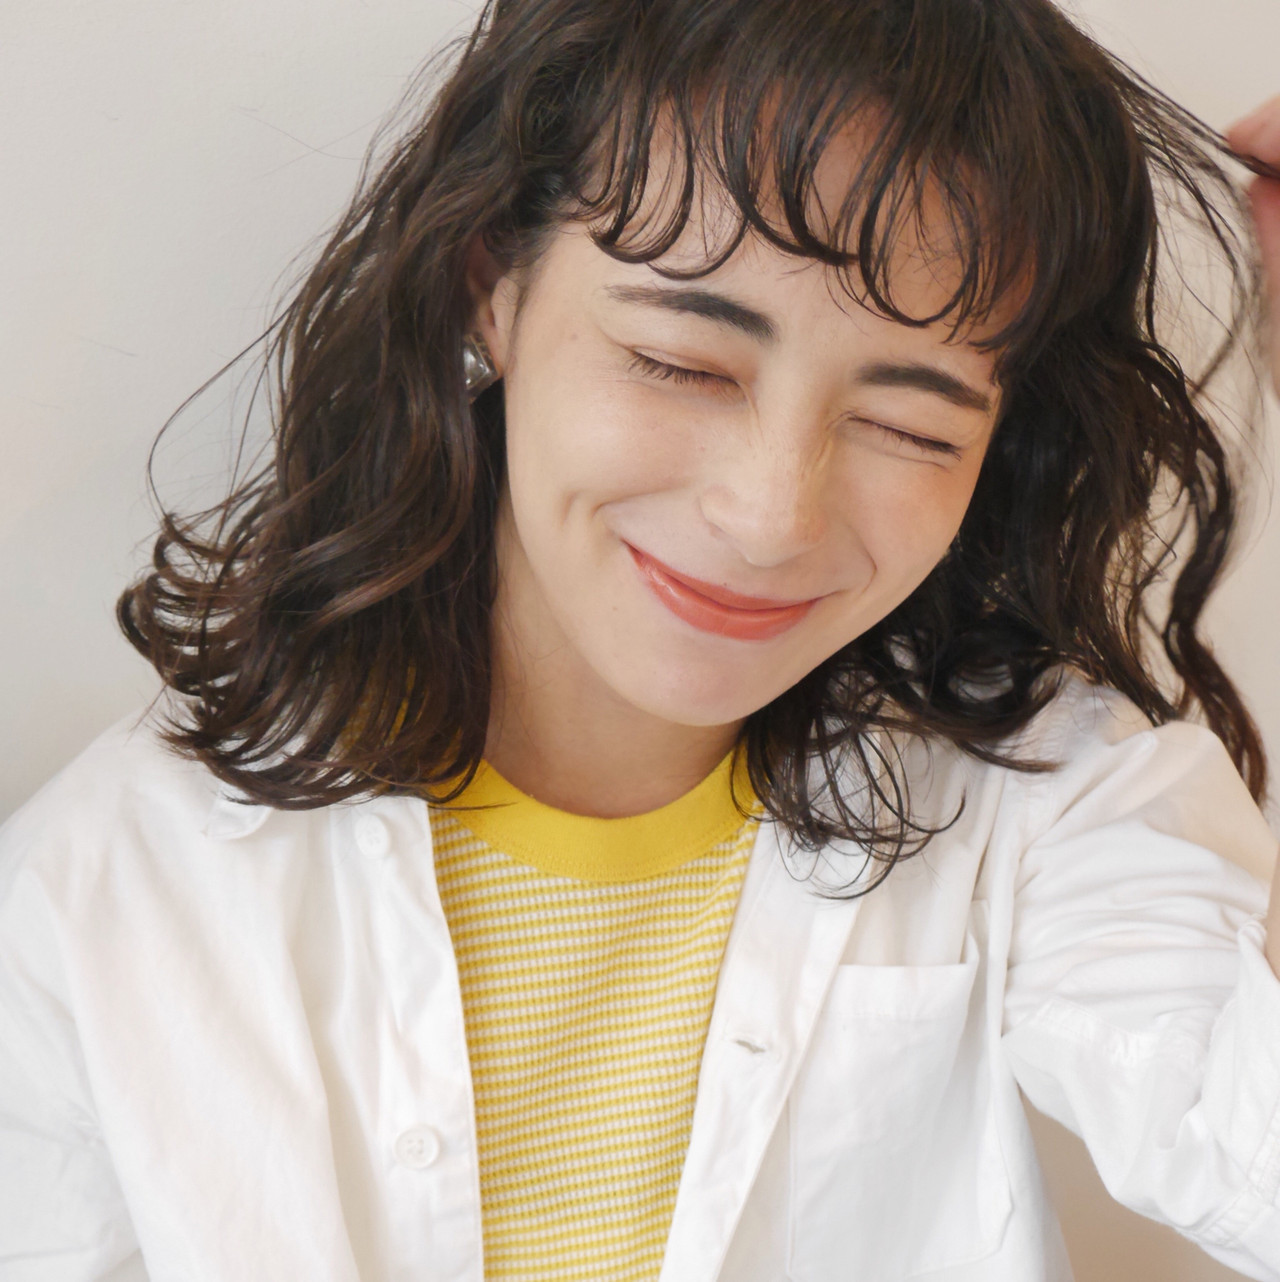 ゆるふわパーマ くせ毛風 ミディアム パーマ ヘアスタイルや髪型の写真・画像